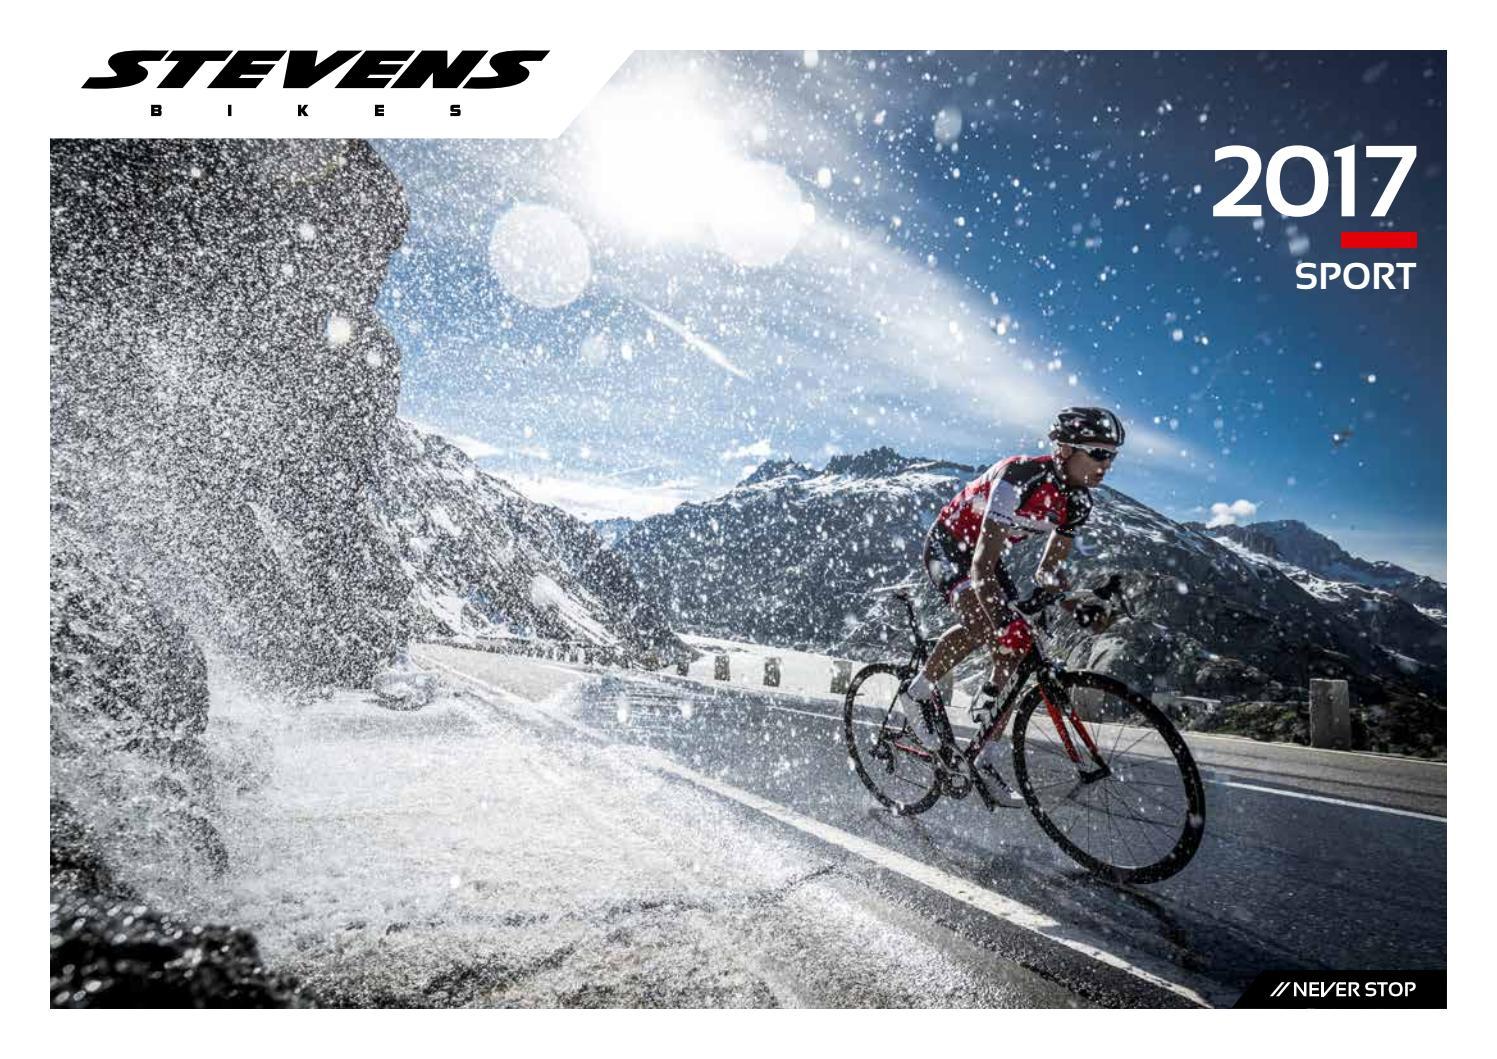 catalogo stevens 2017 by bikemtb net